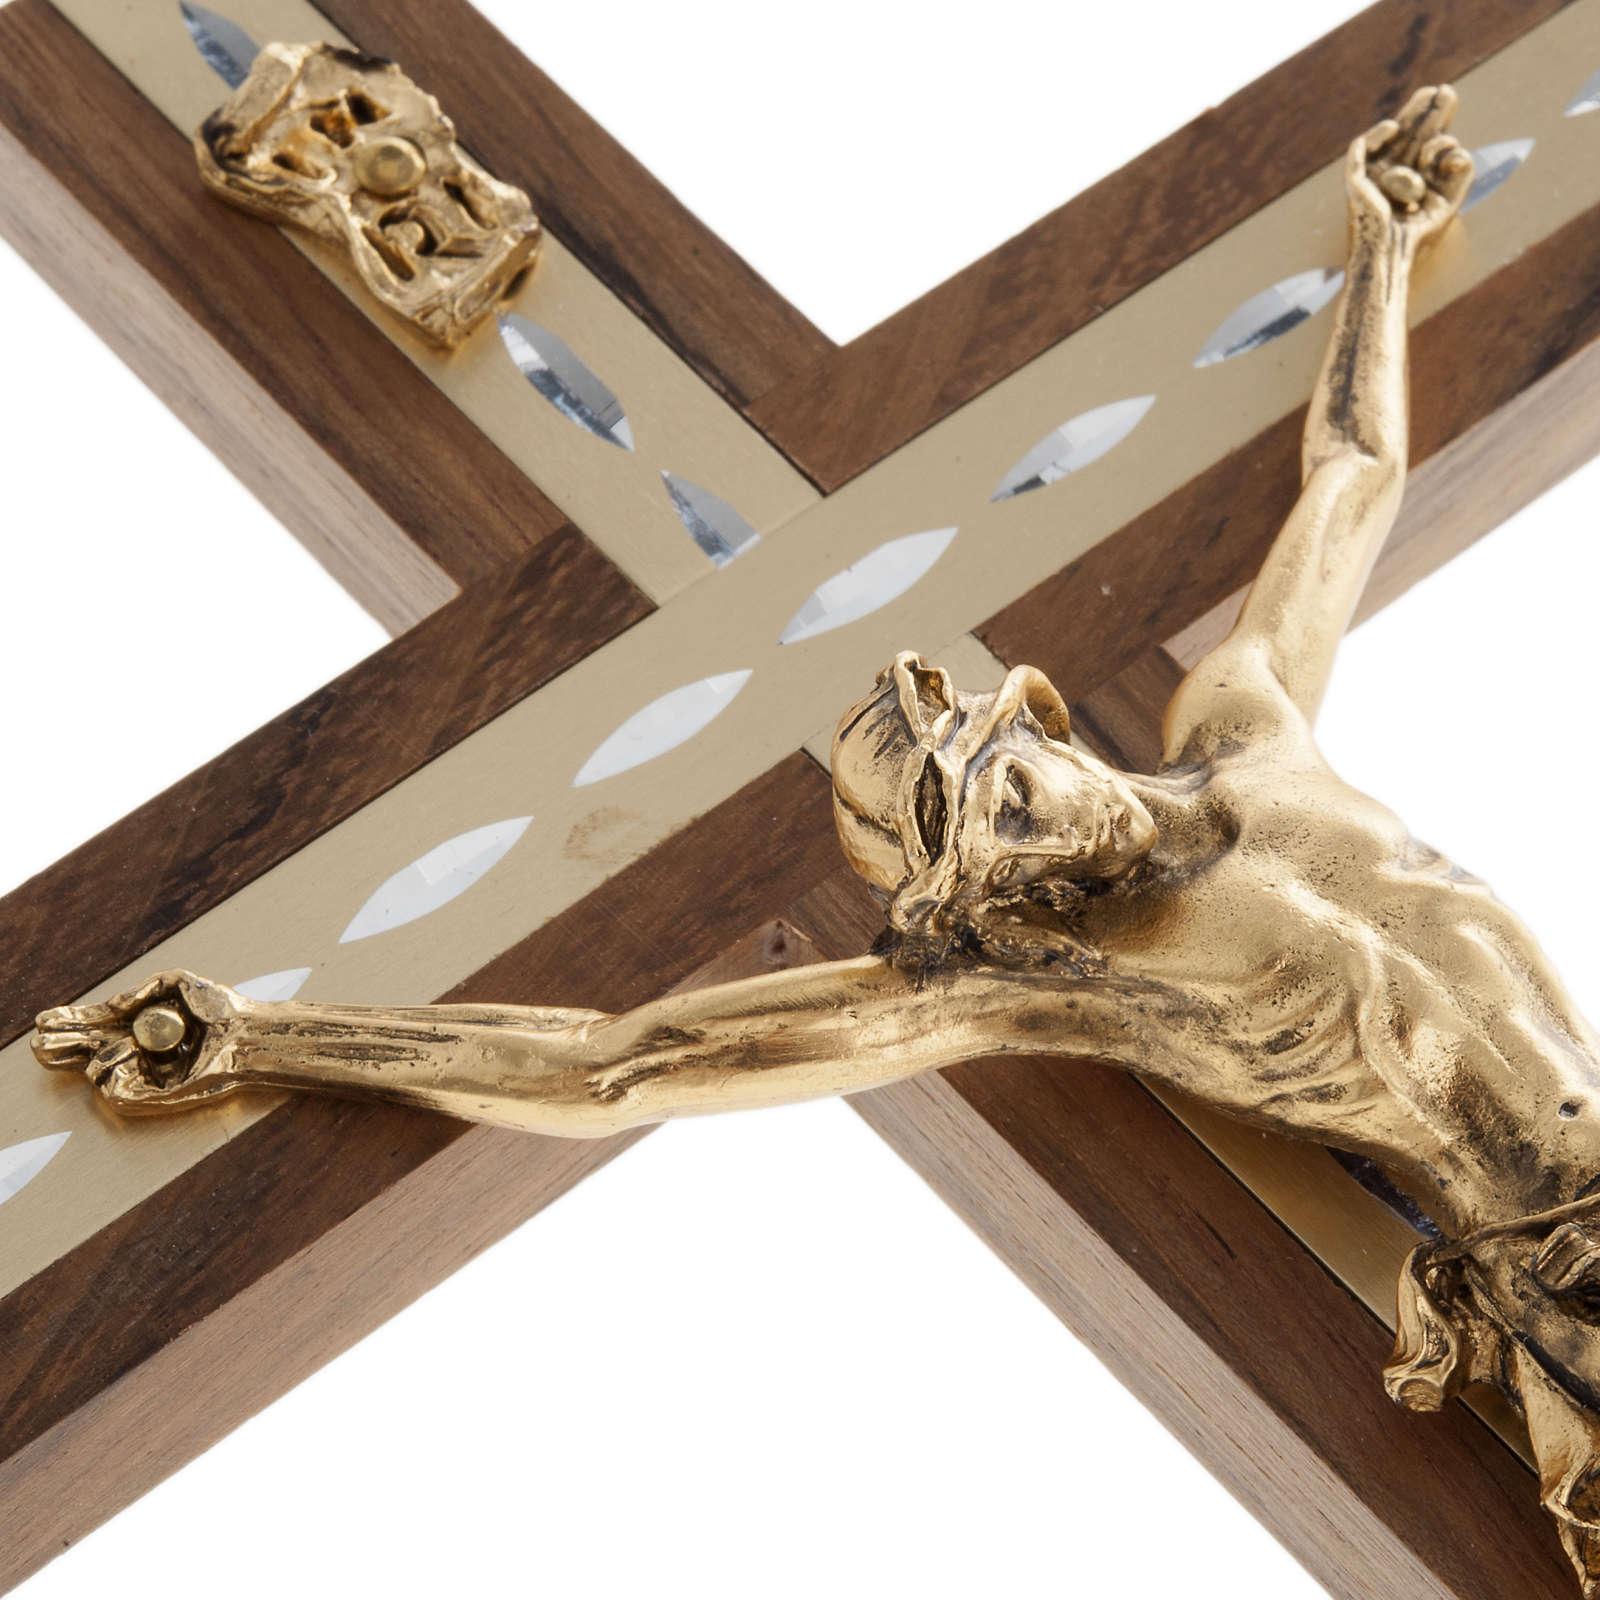 Crocifisso metallo dorato legno di noce e alluminio 4